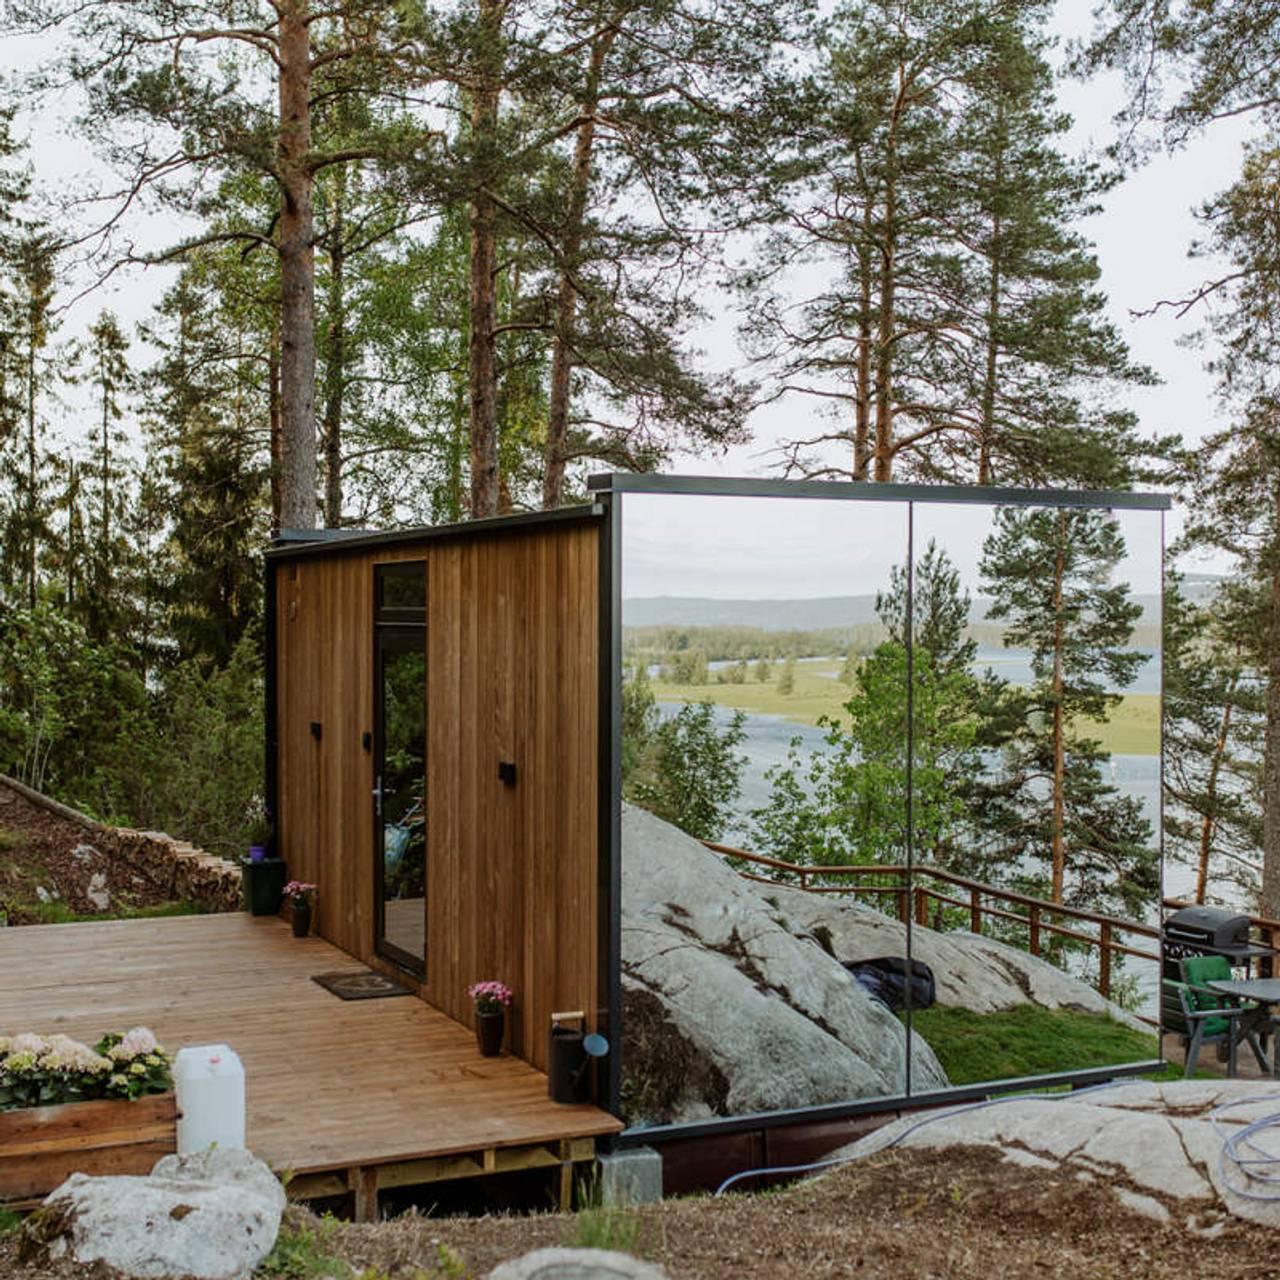 Speilglasshytta WonderInn i Akershus har speilglassvinduer istedenfor vegger slik at man kan kikke ut i naturen uten at noen kan kikke inn.